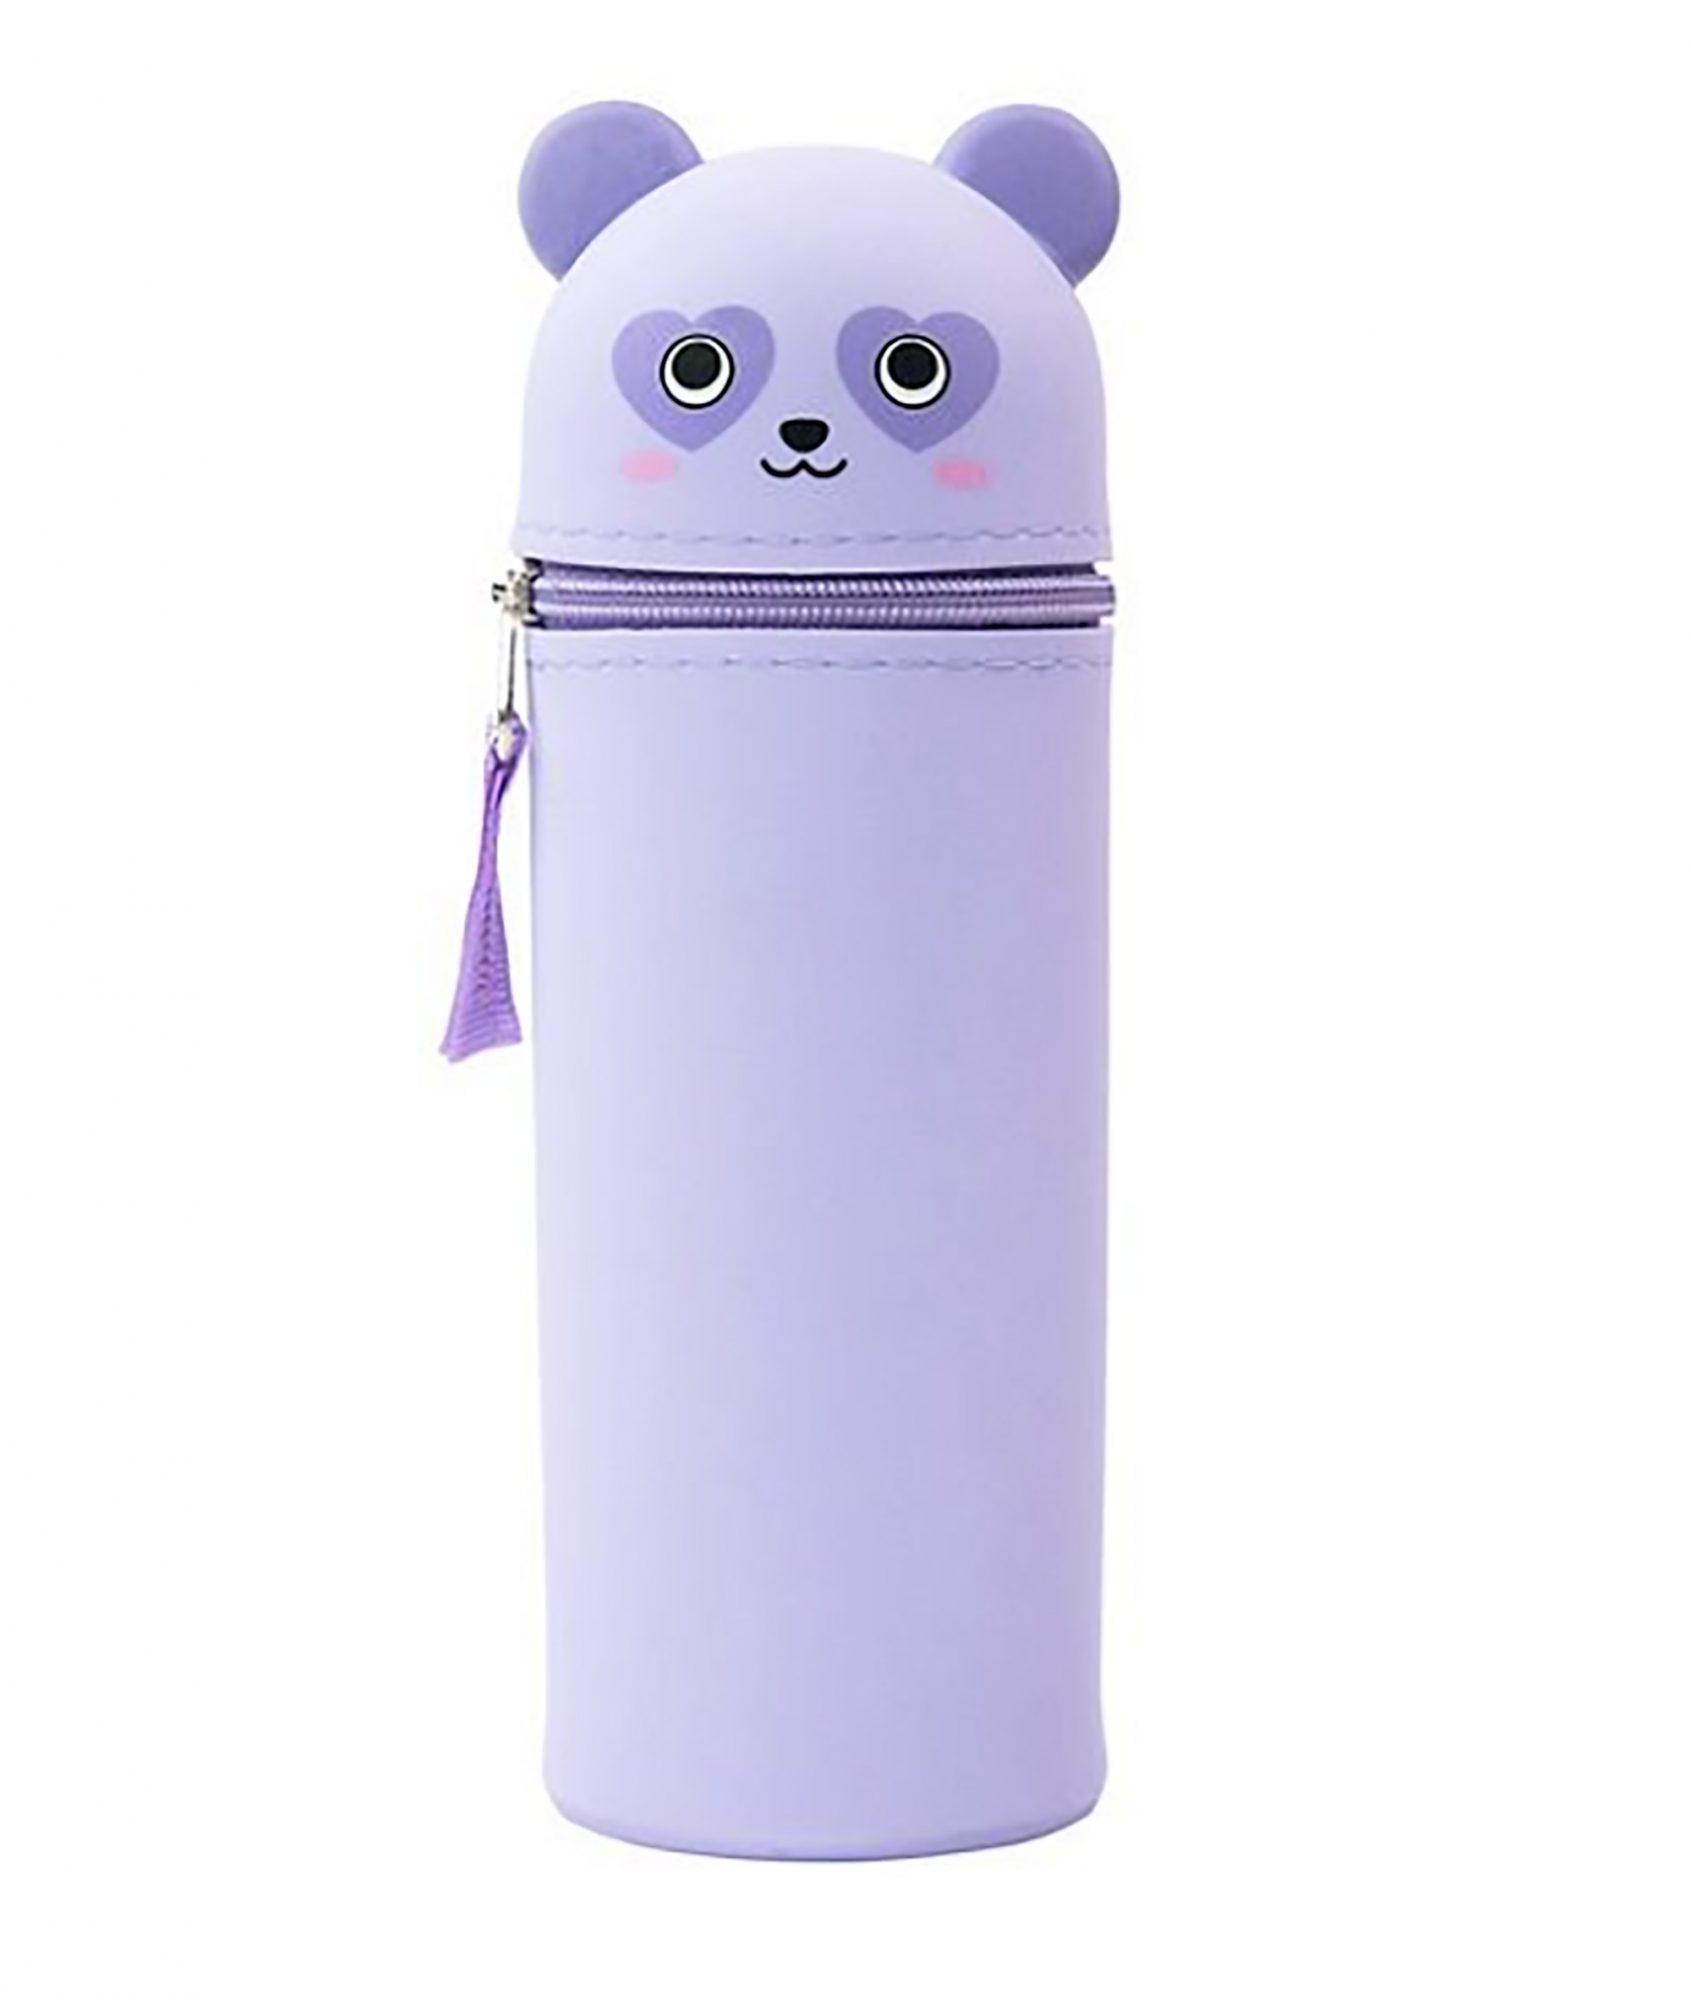 Las cartucheras le ayudarán a tus chicos a mantener en orden todos sus utensilios escolares. ¿Qué tal esta linda opción con carita de panda?                             Precio: $9.99